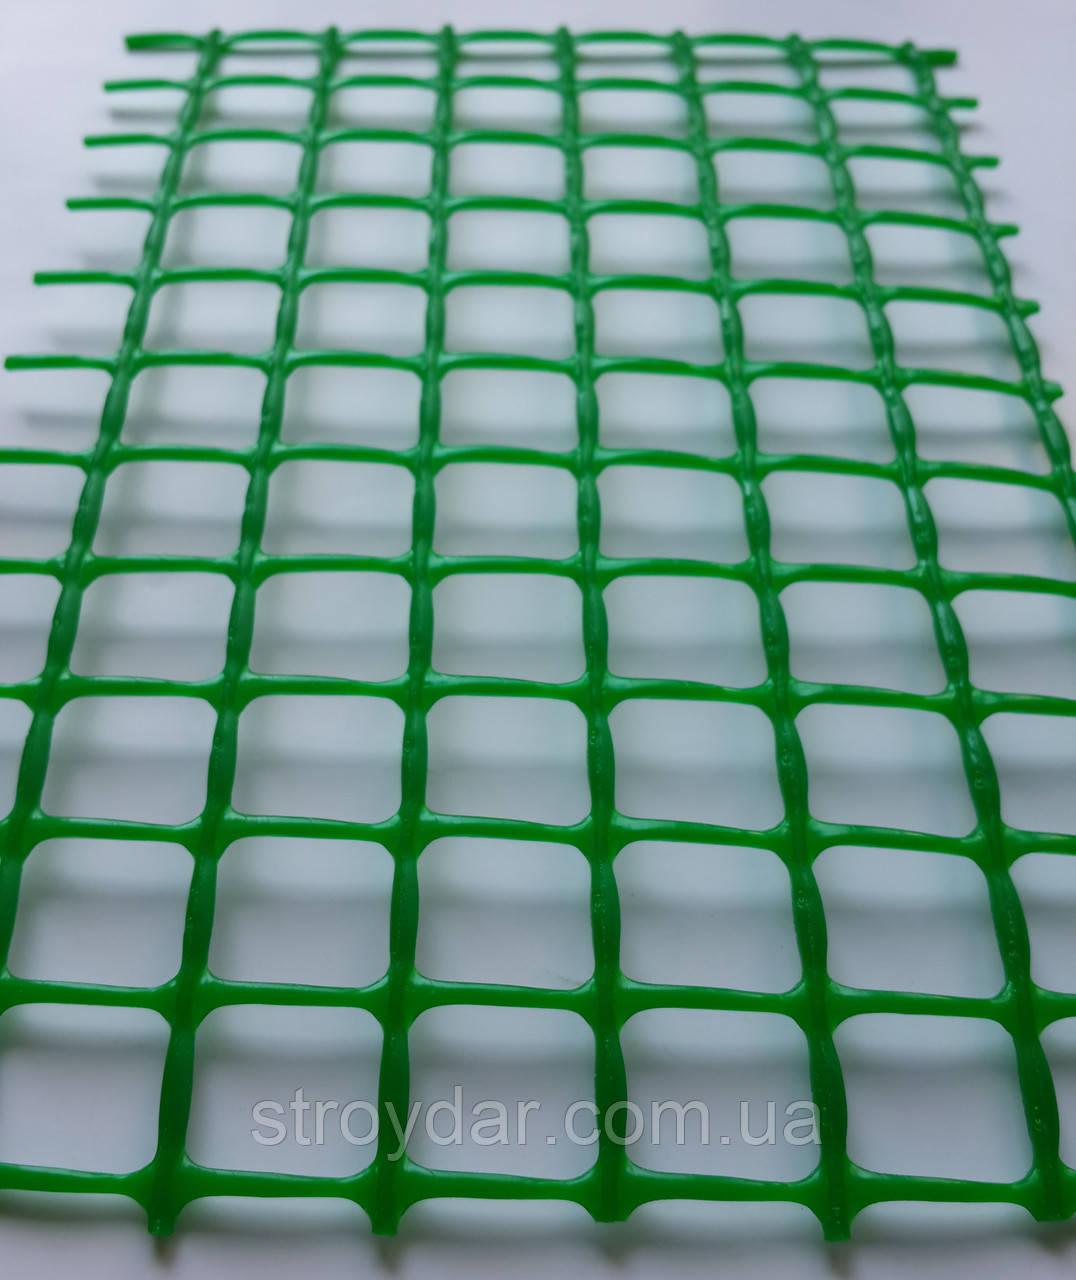 Сетка пластиковая декоративная Клевер Д 20 Зеленая Усиленная